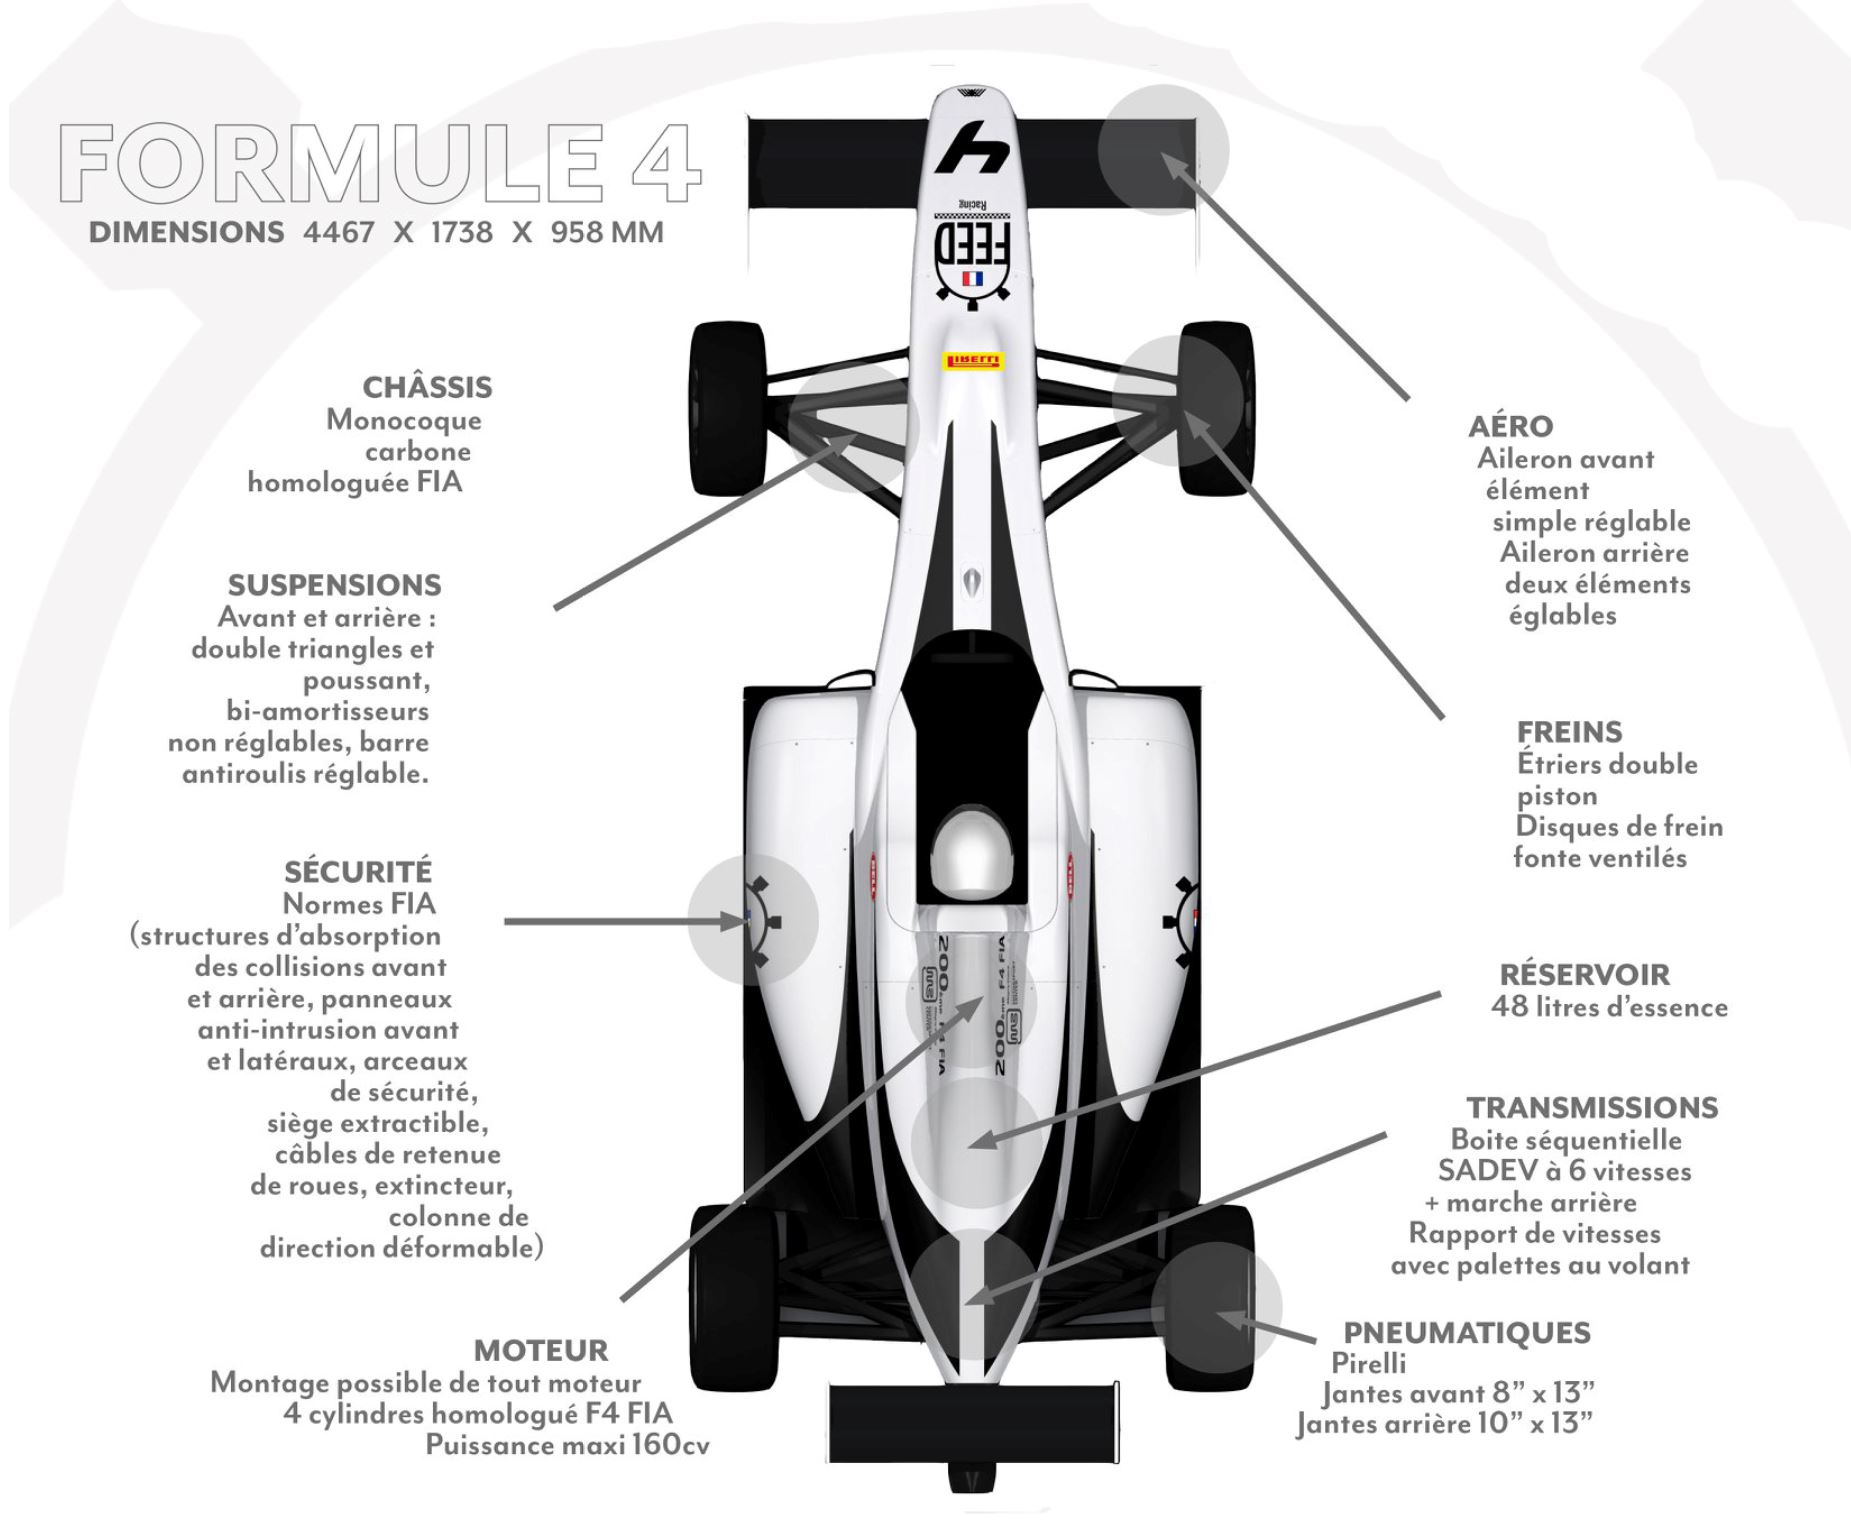 FEED RACING - CARACTÉRISTIQUES TECHNIQUES FORMULE 4